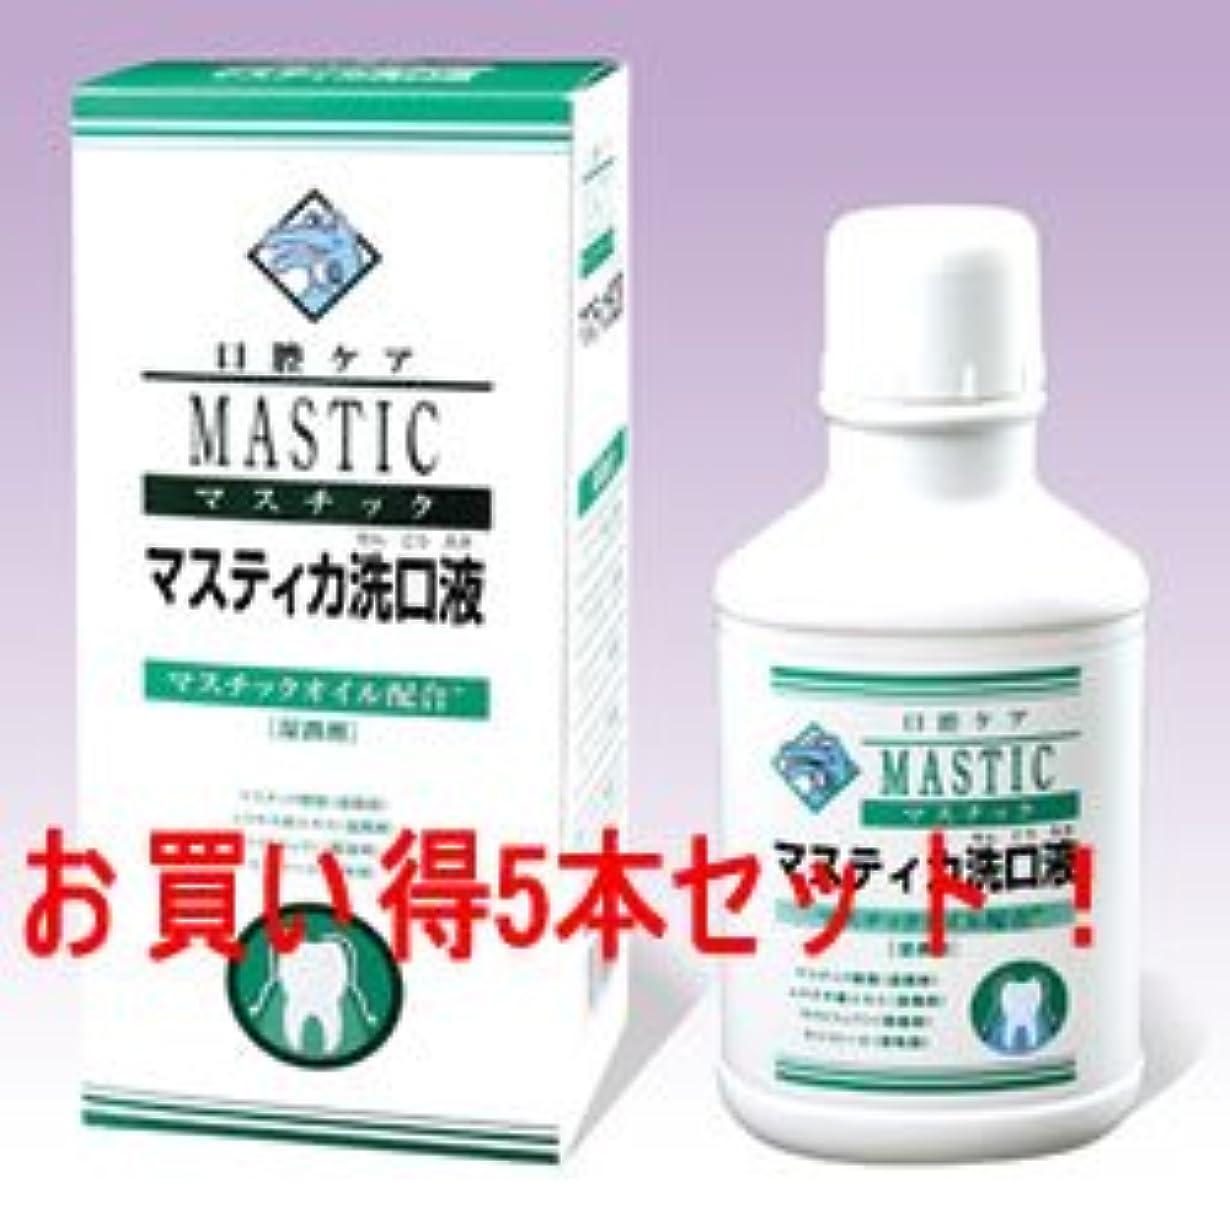 アレンジ懲らしめ拾うマスチック マスティカ洗口液480ml(5本セット)